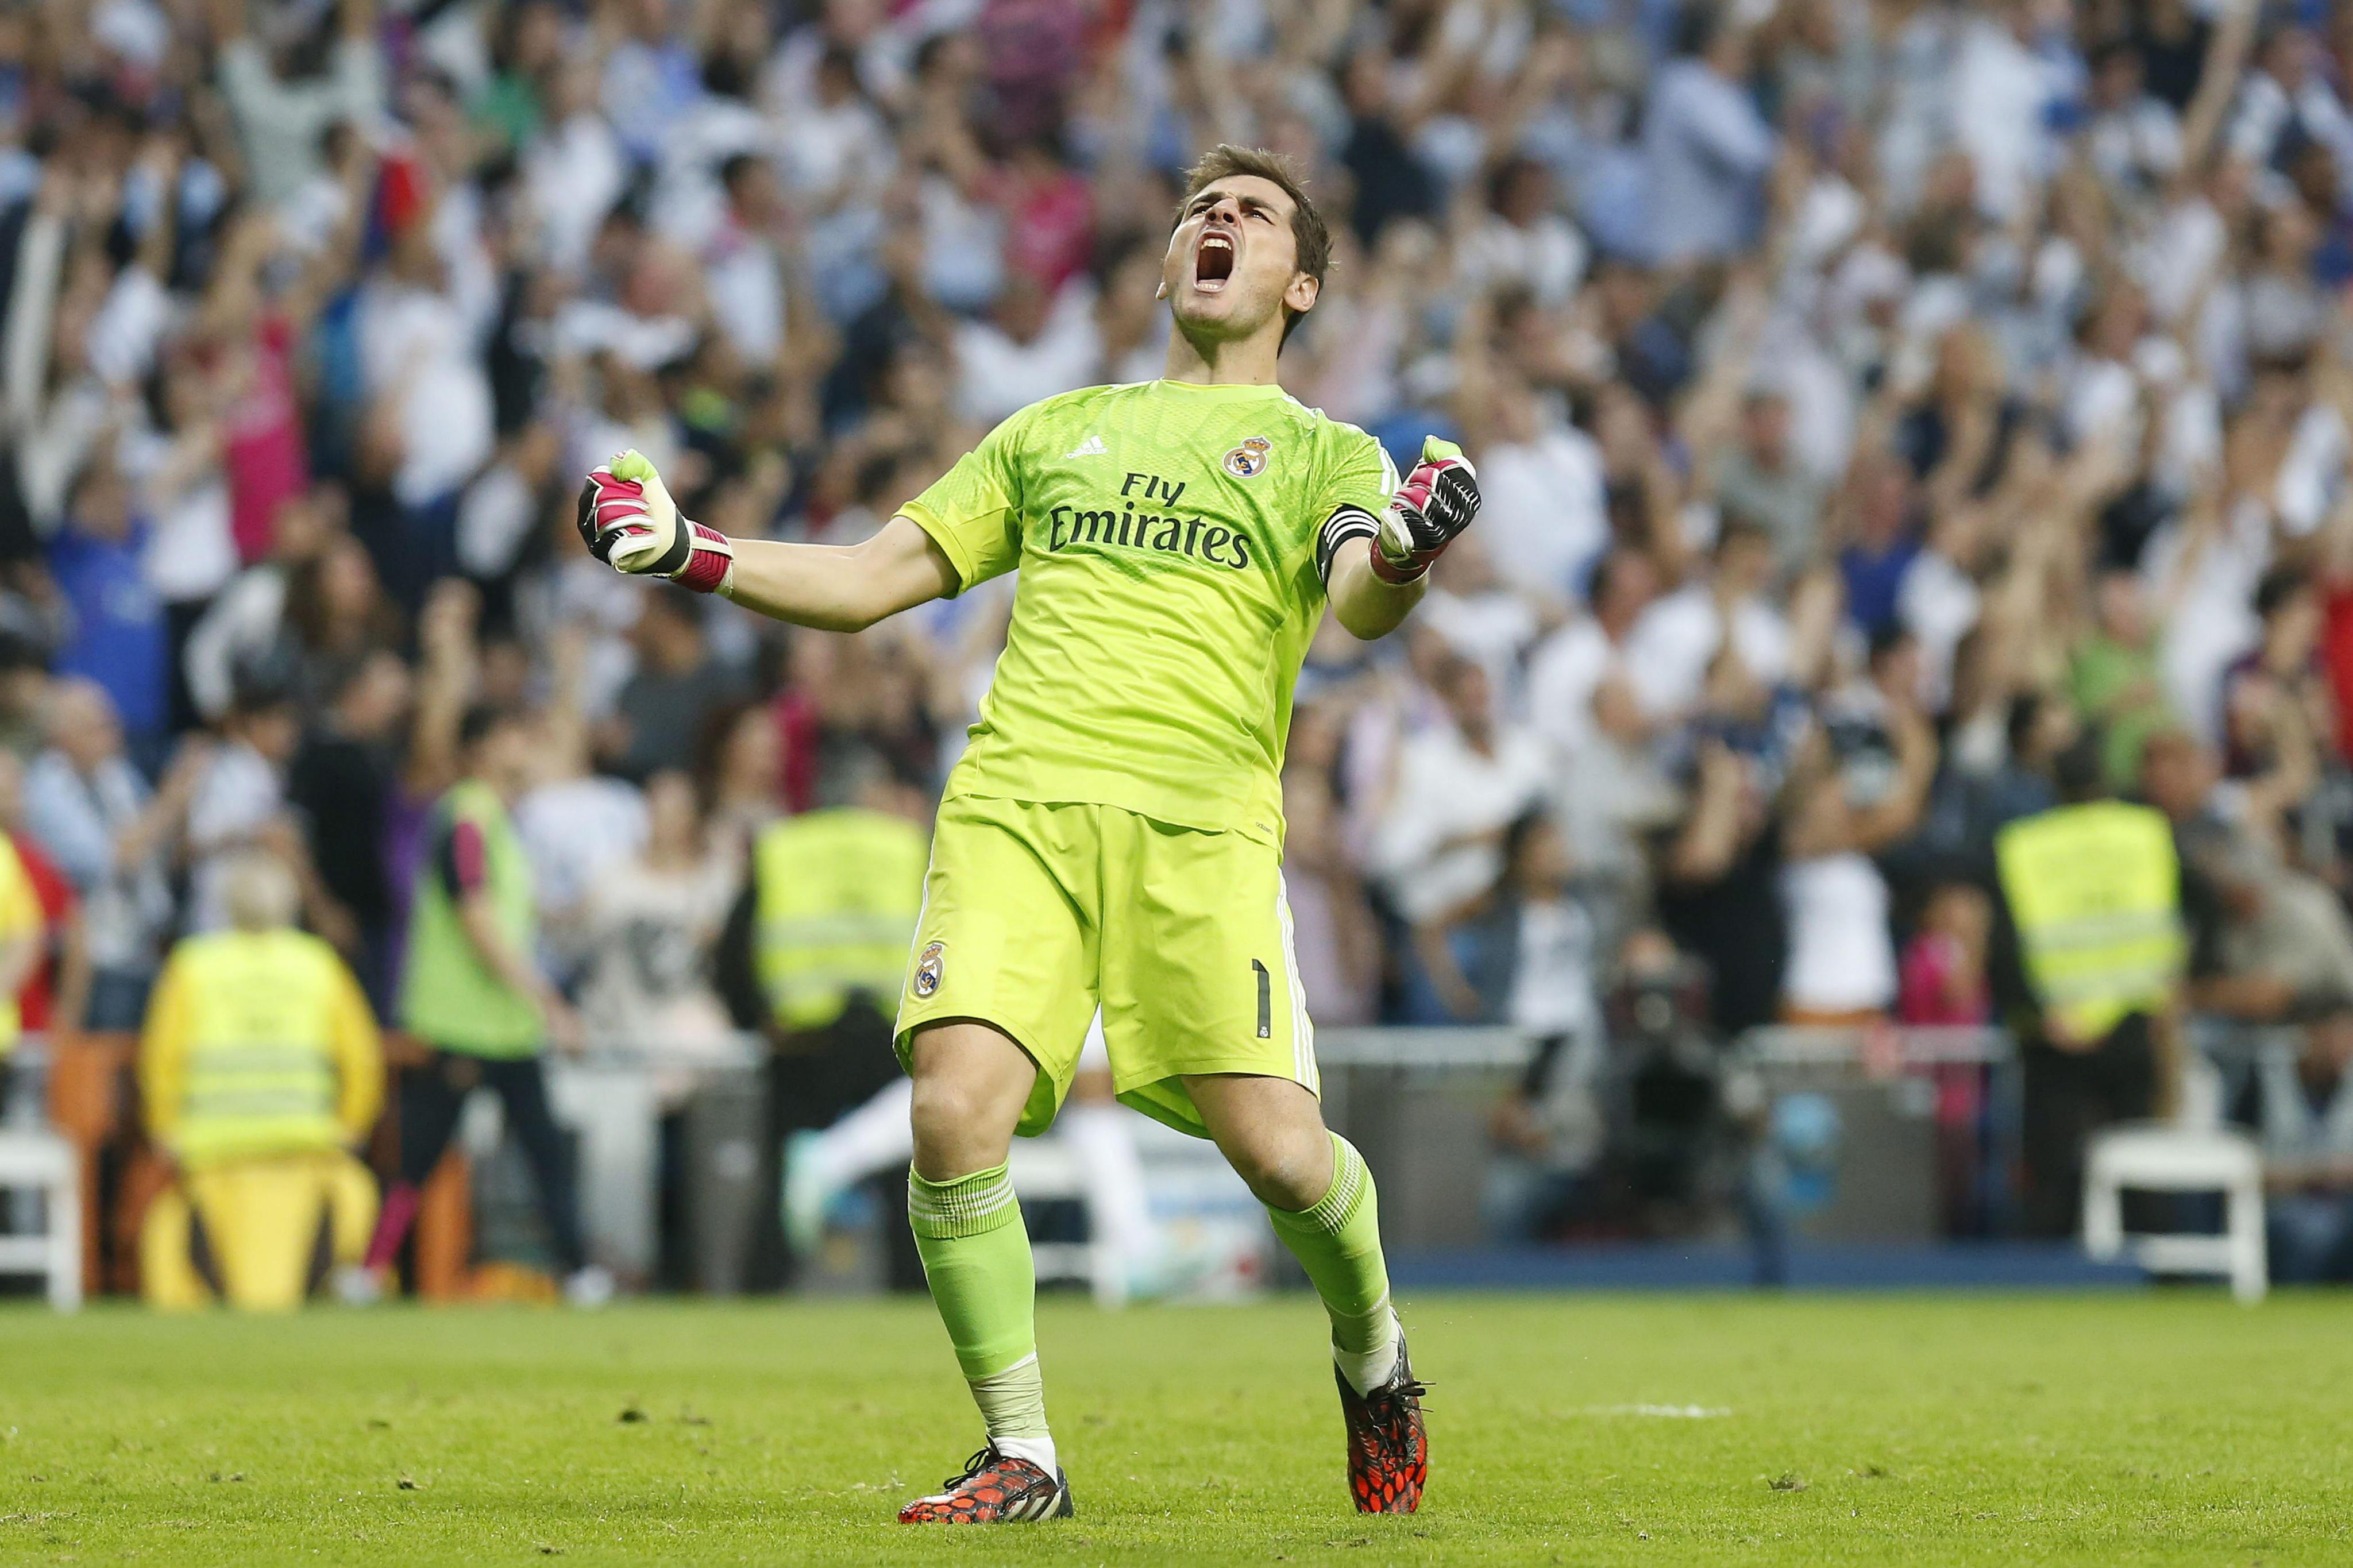 El exguardameta del Real Madrid y ahora portero del Porto descarta retirarse. (Foto Prensa Libre: Hemeroteca PL)